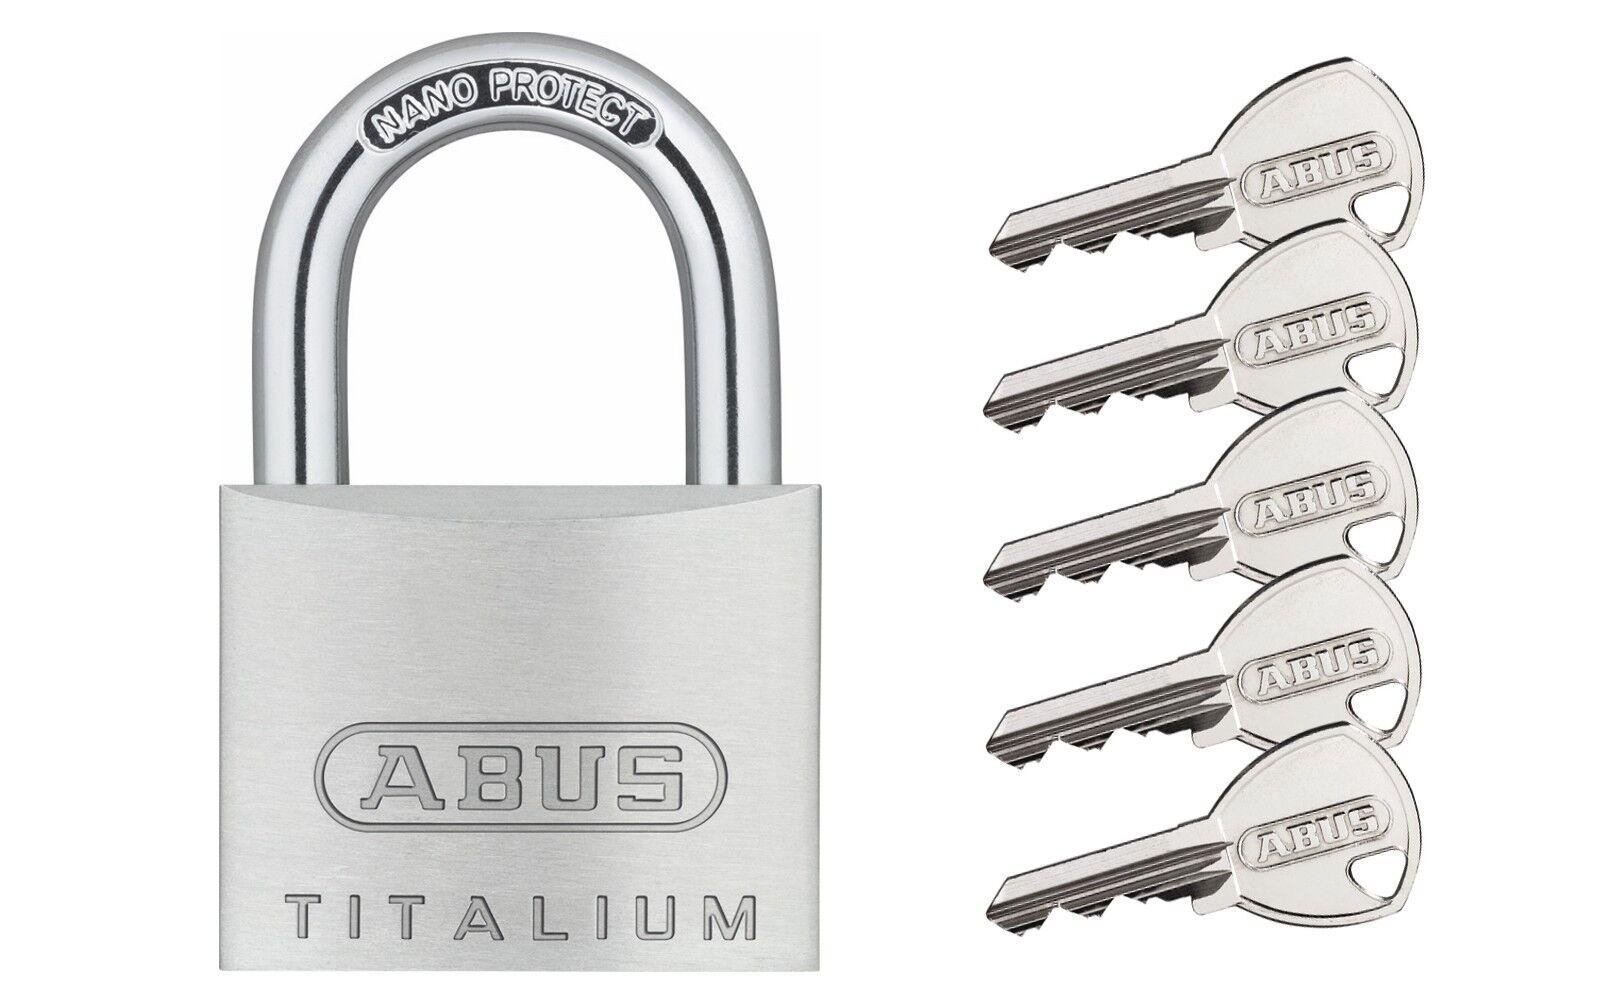 ABUS Titalium Vorhangschloss Vorhängeschloss 64TI 20 bis 60mm versch. schließend